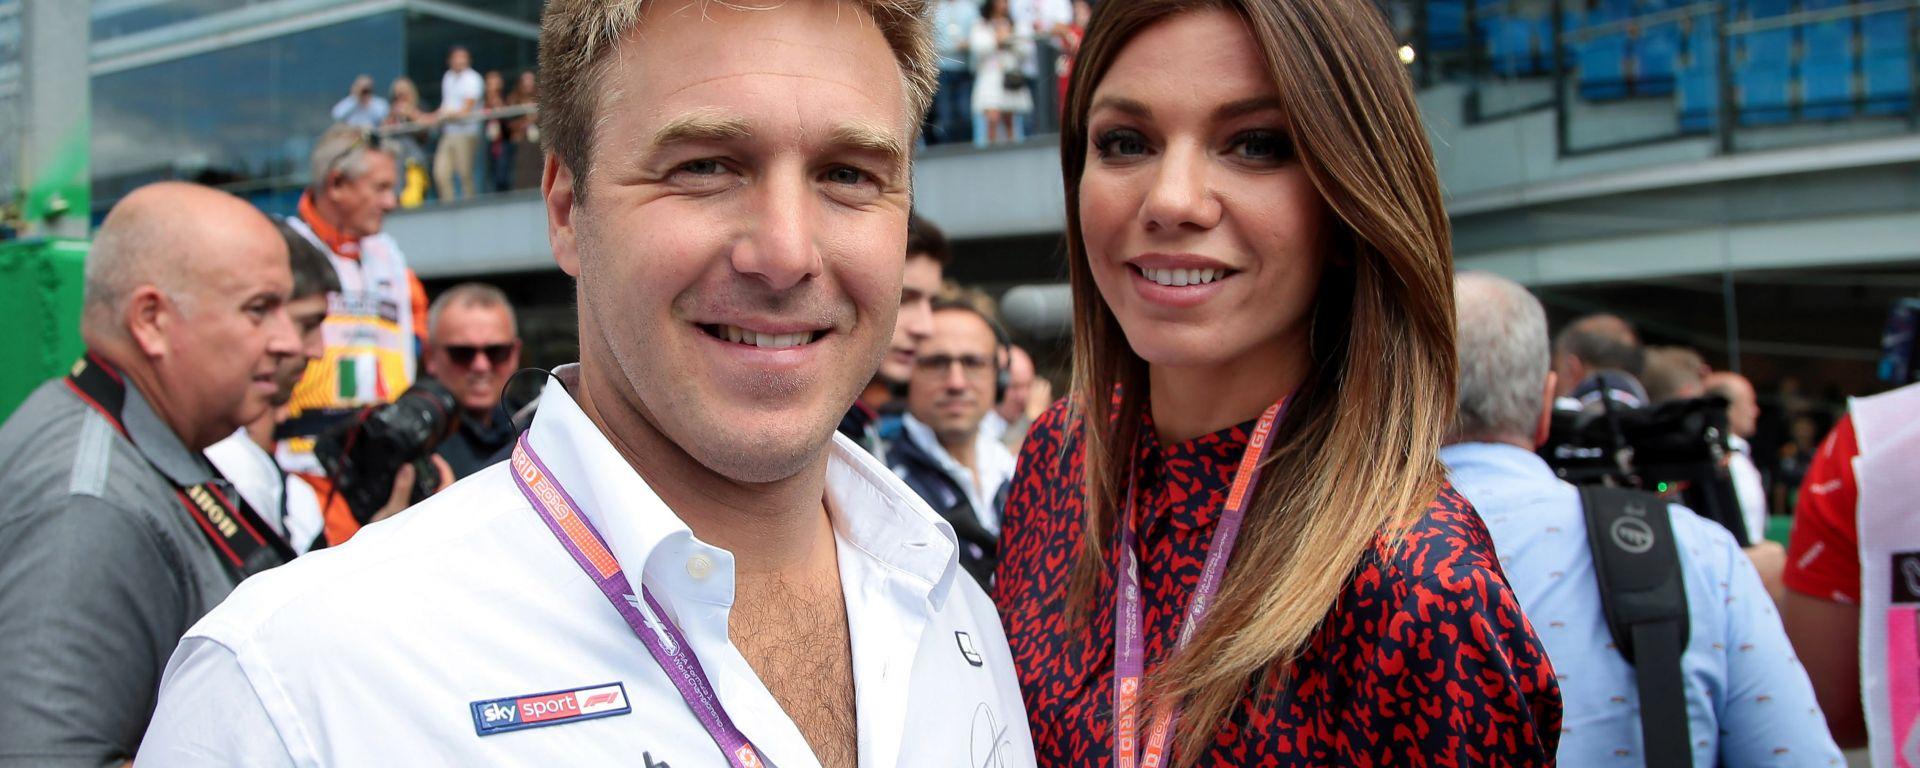 Sky Sport F1: Davide Valsecchi e Federica Masolin